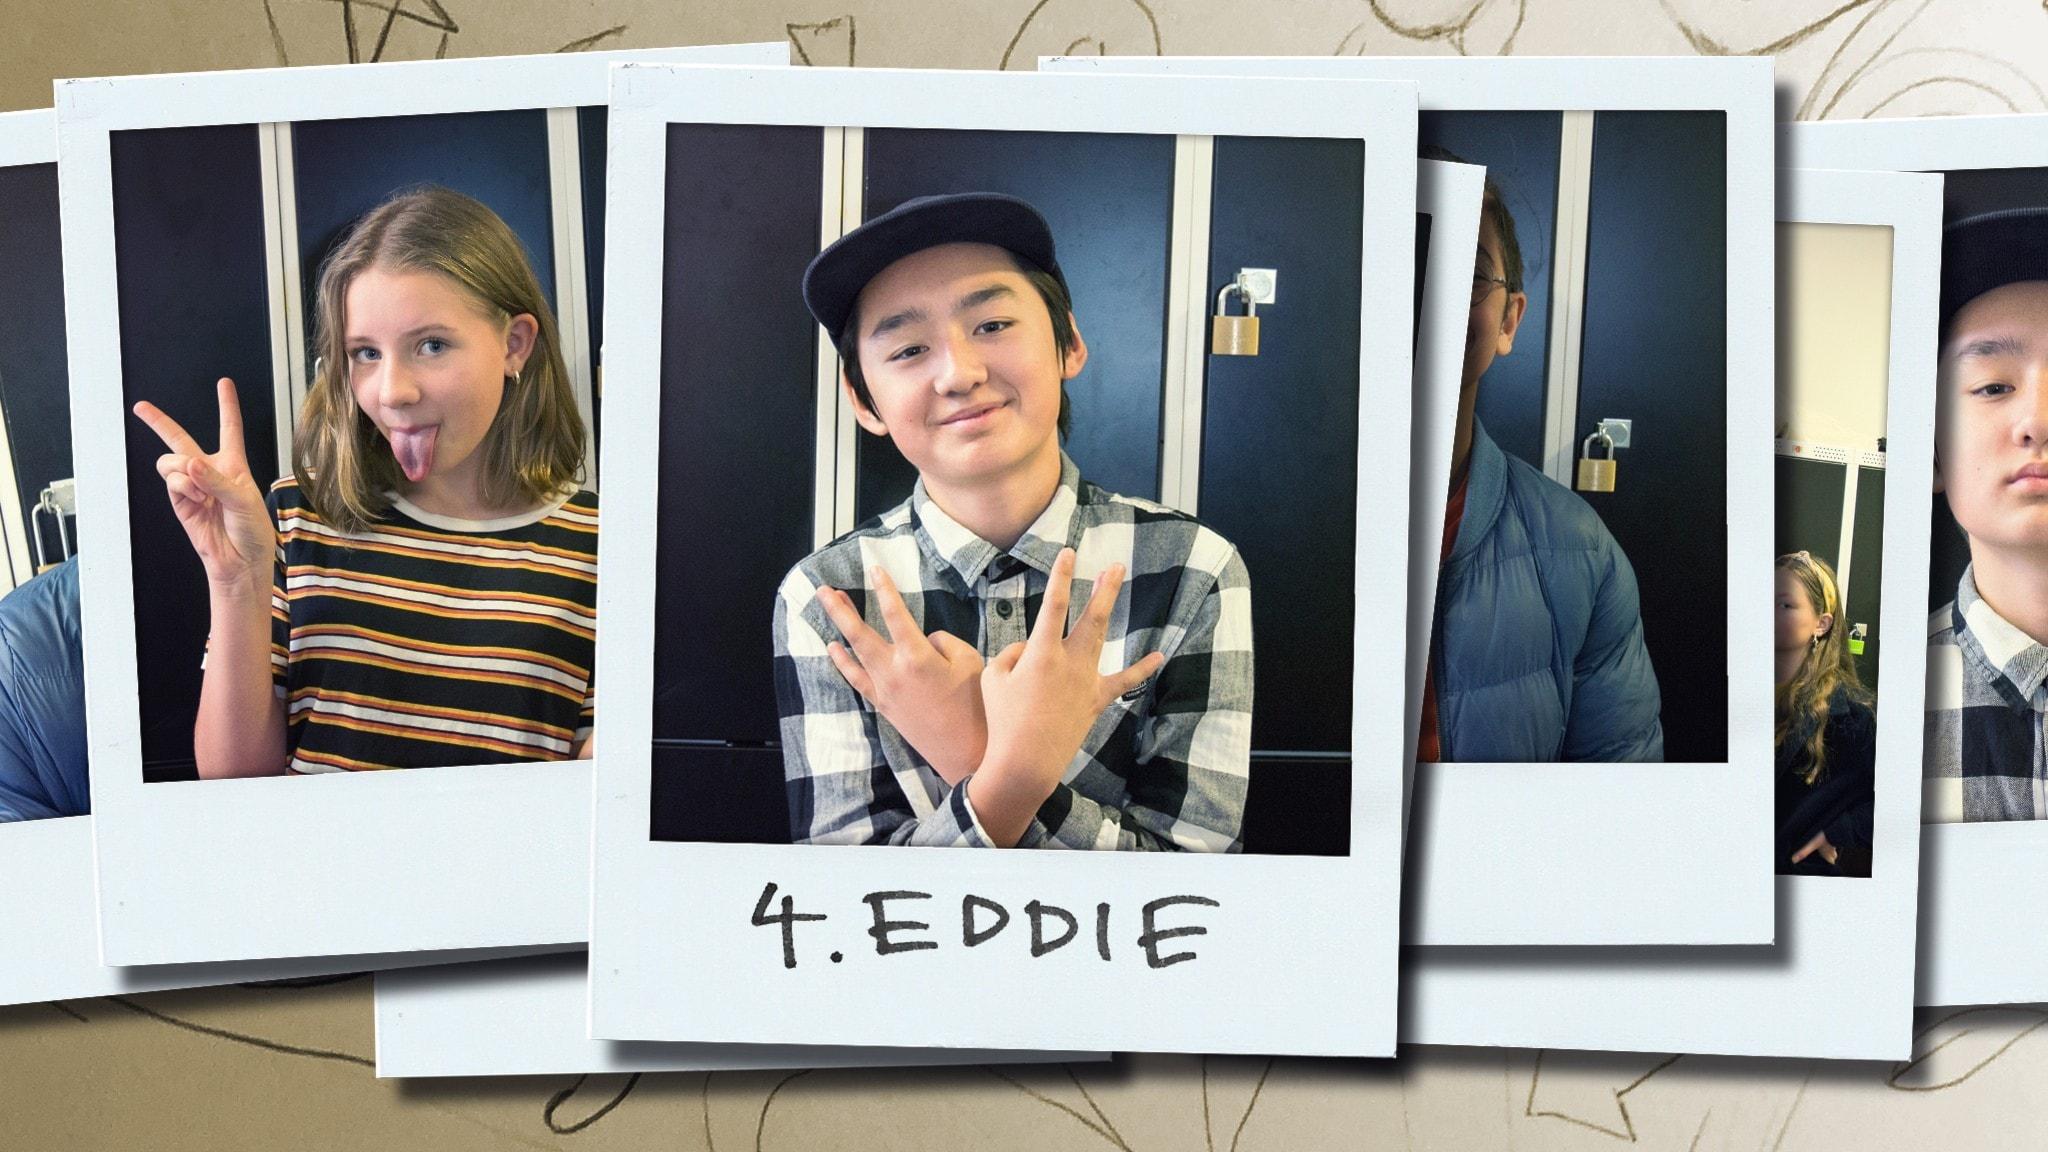 4.Eddie